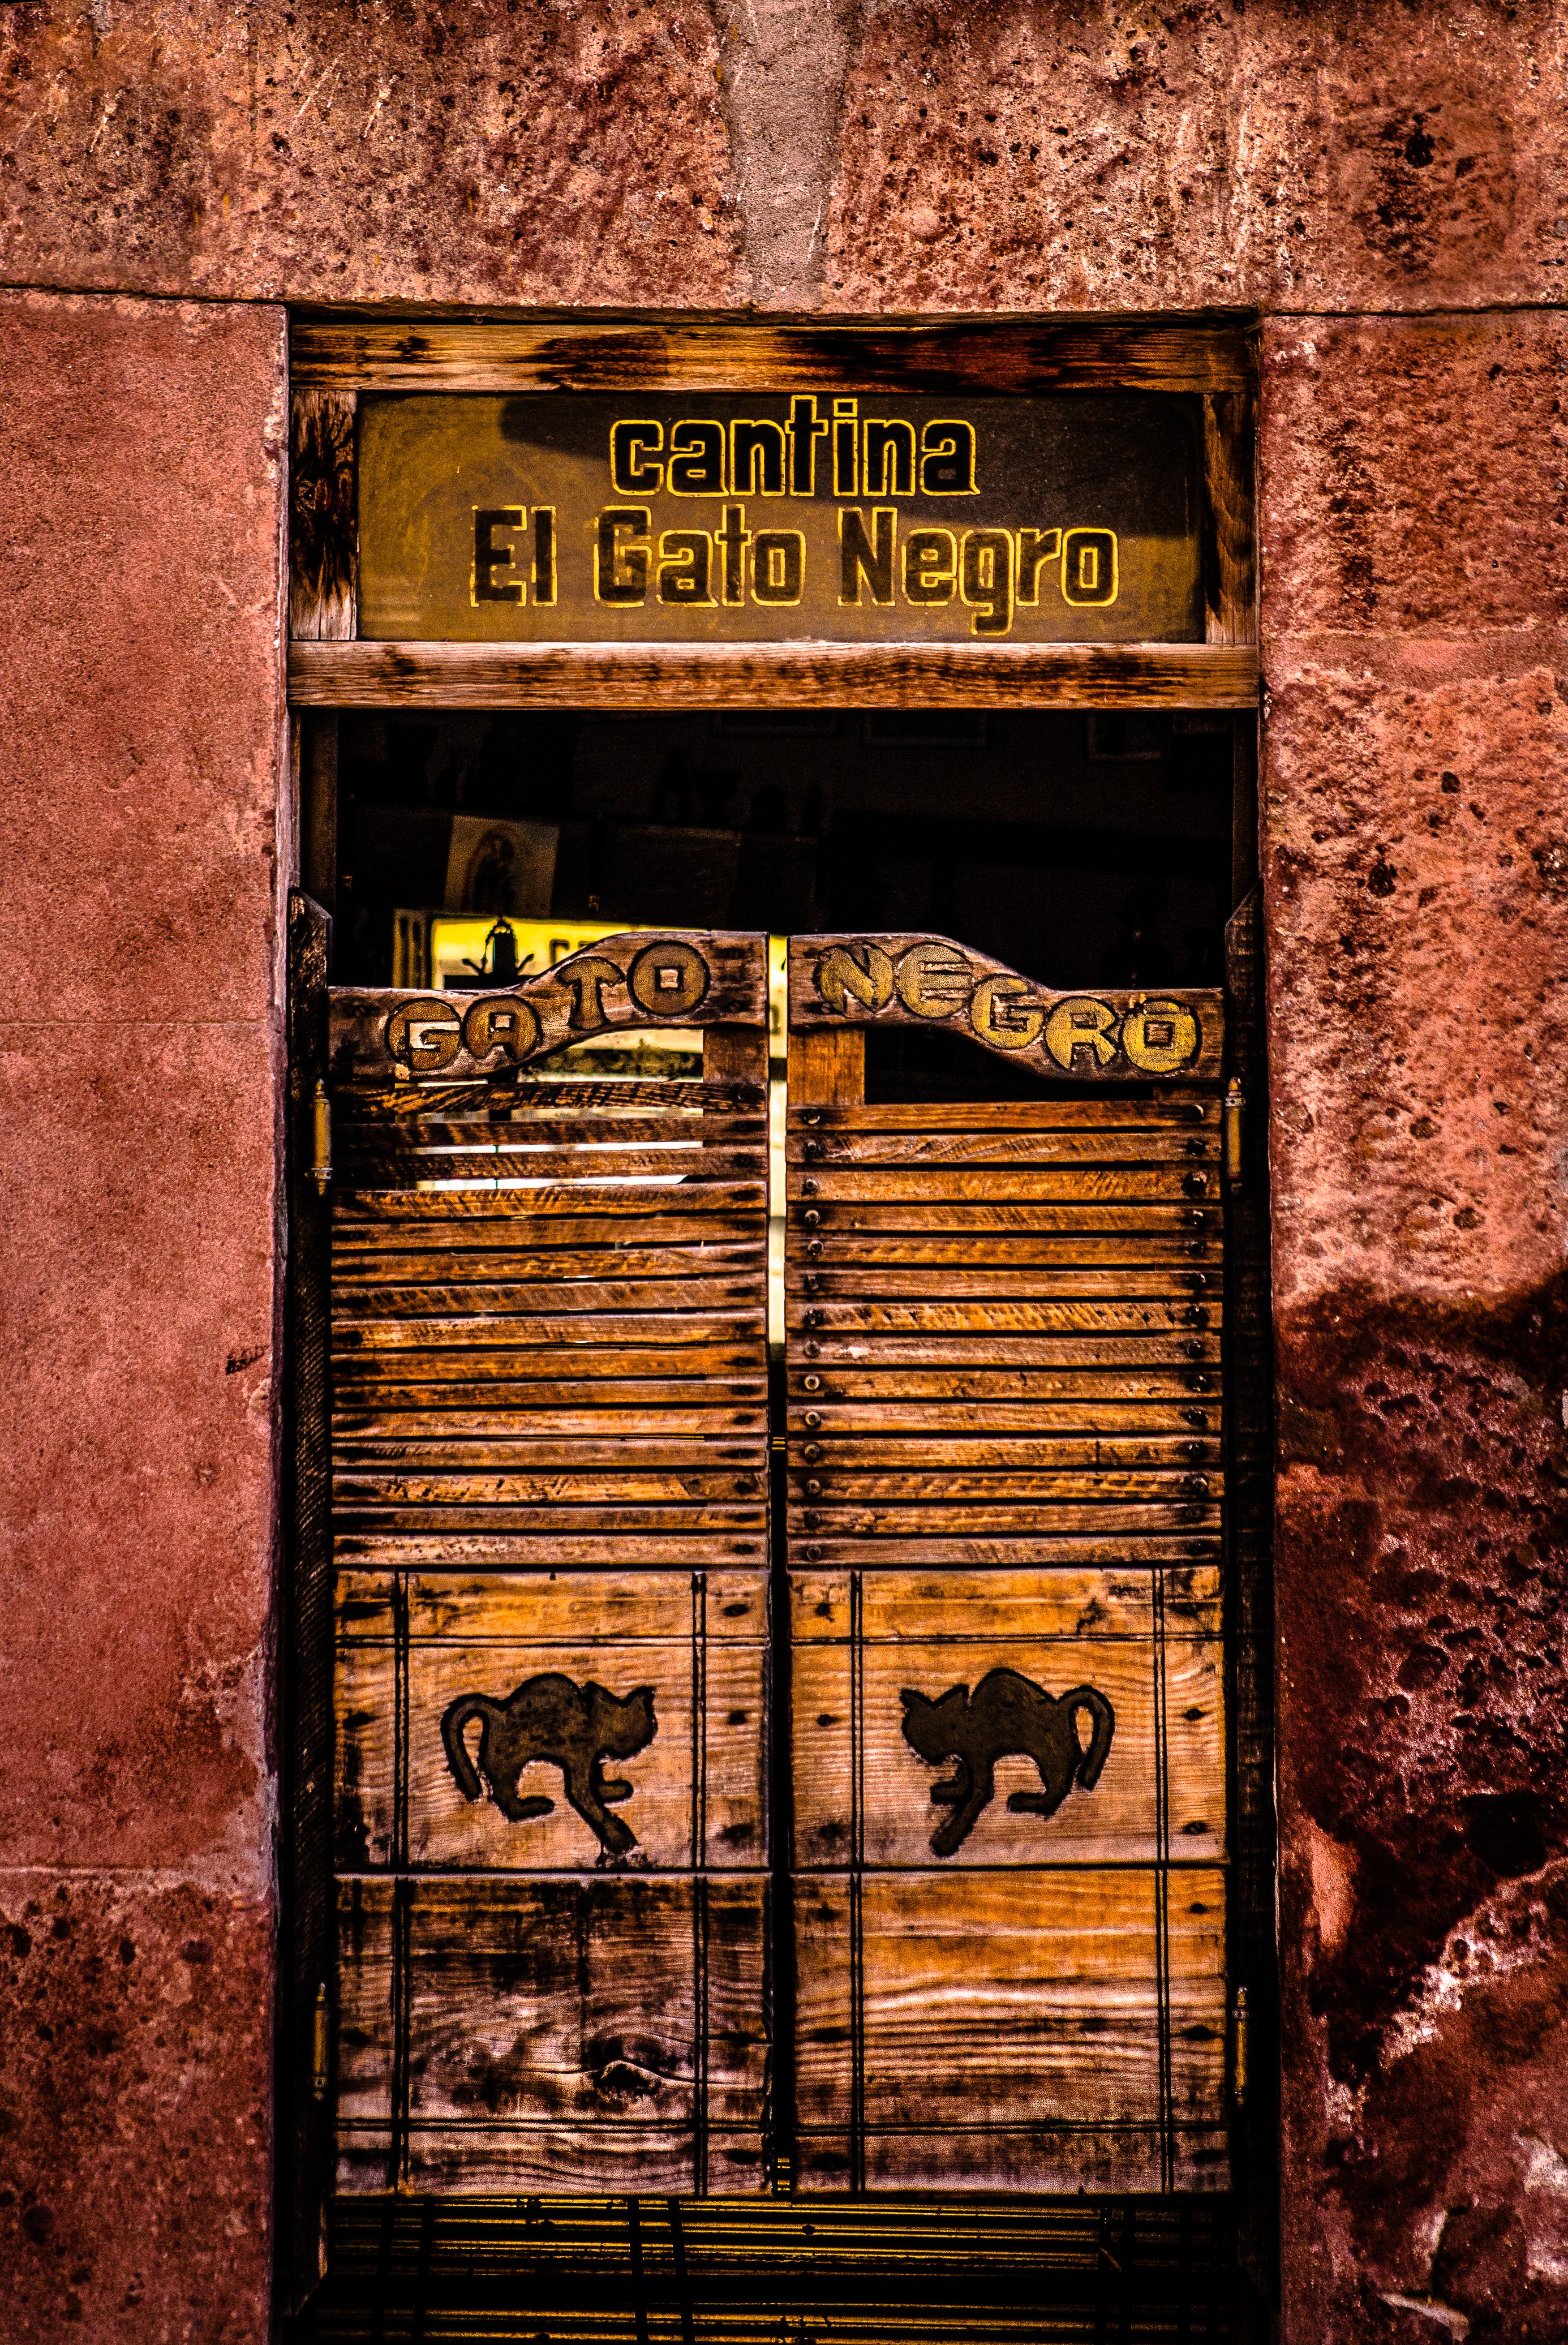 Cantina El Gato Negro